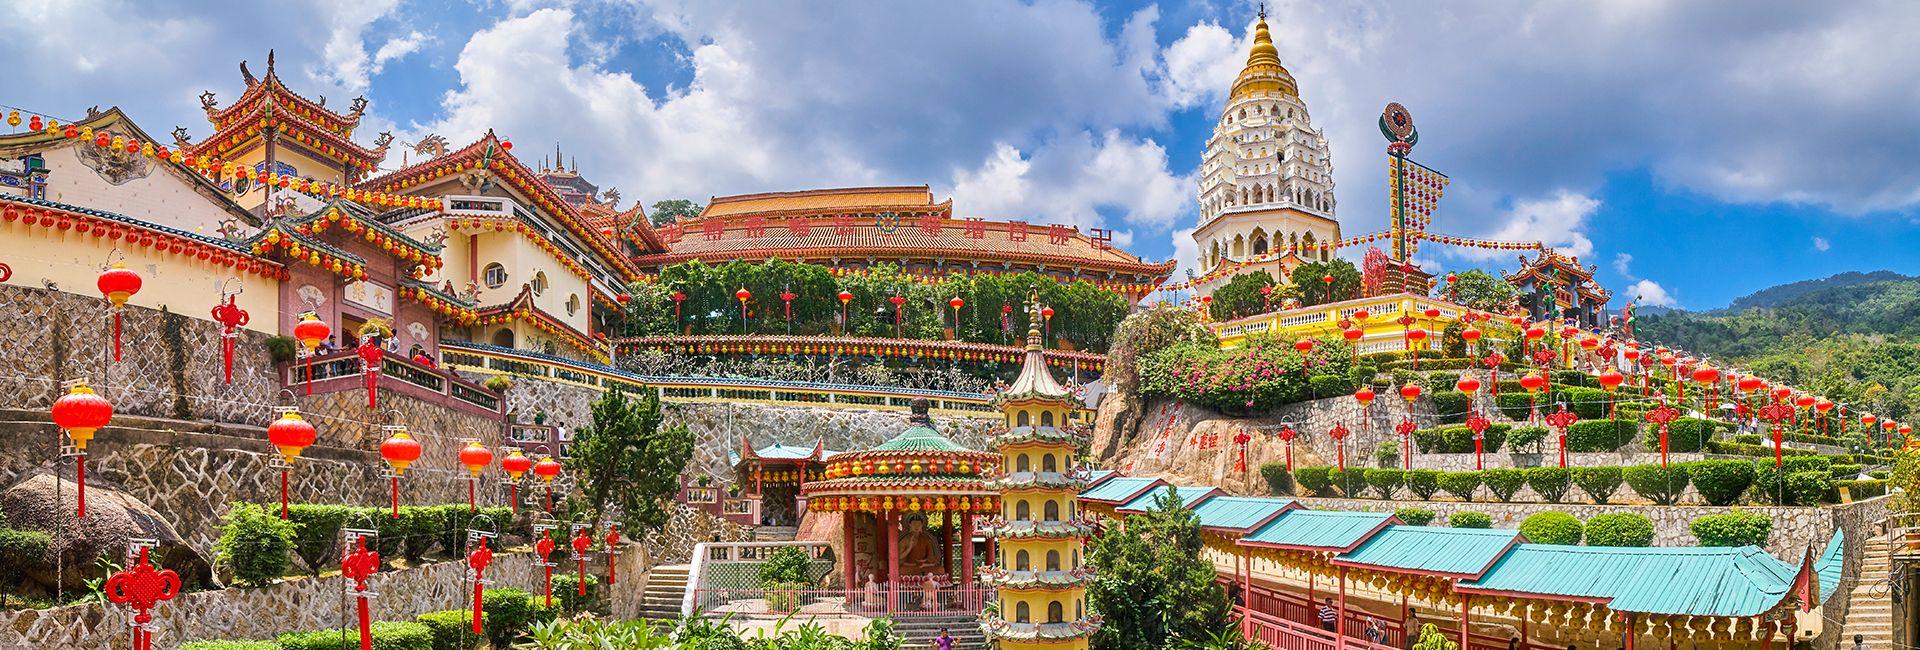 Ghé thăm 15 ngôi đền nổi tiếng nhất tại Malaysia